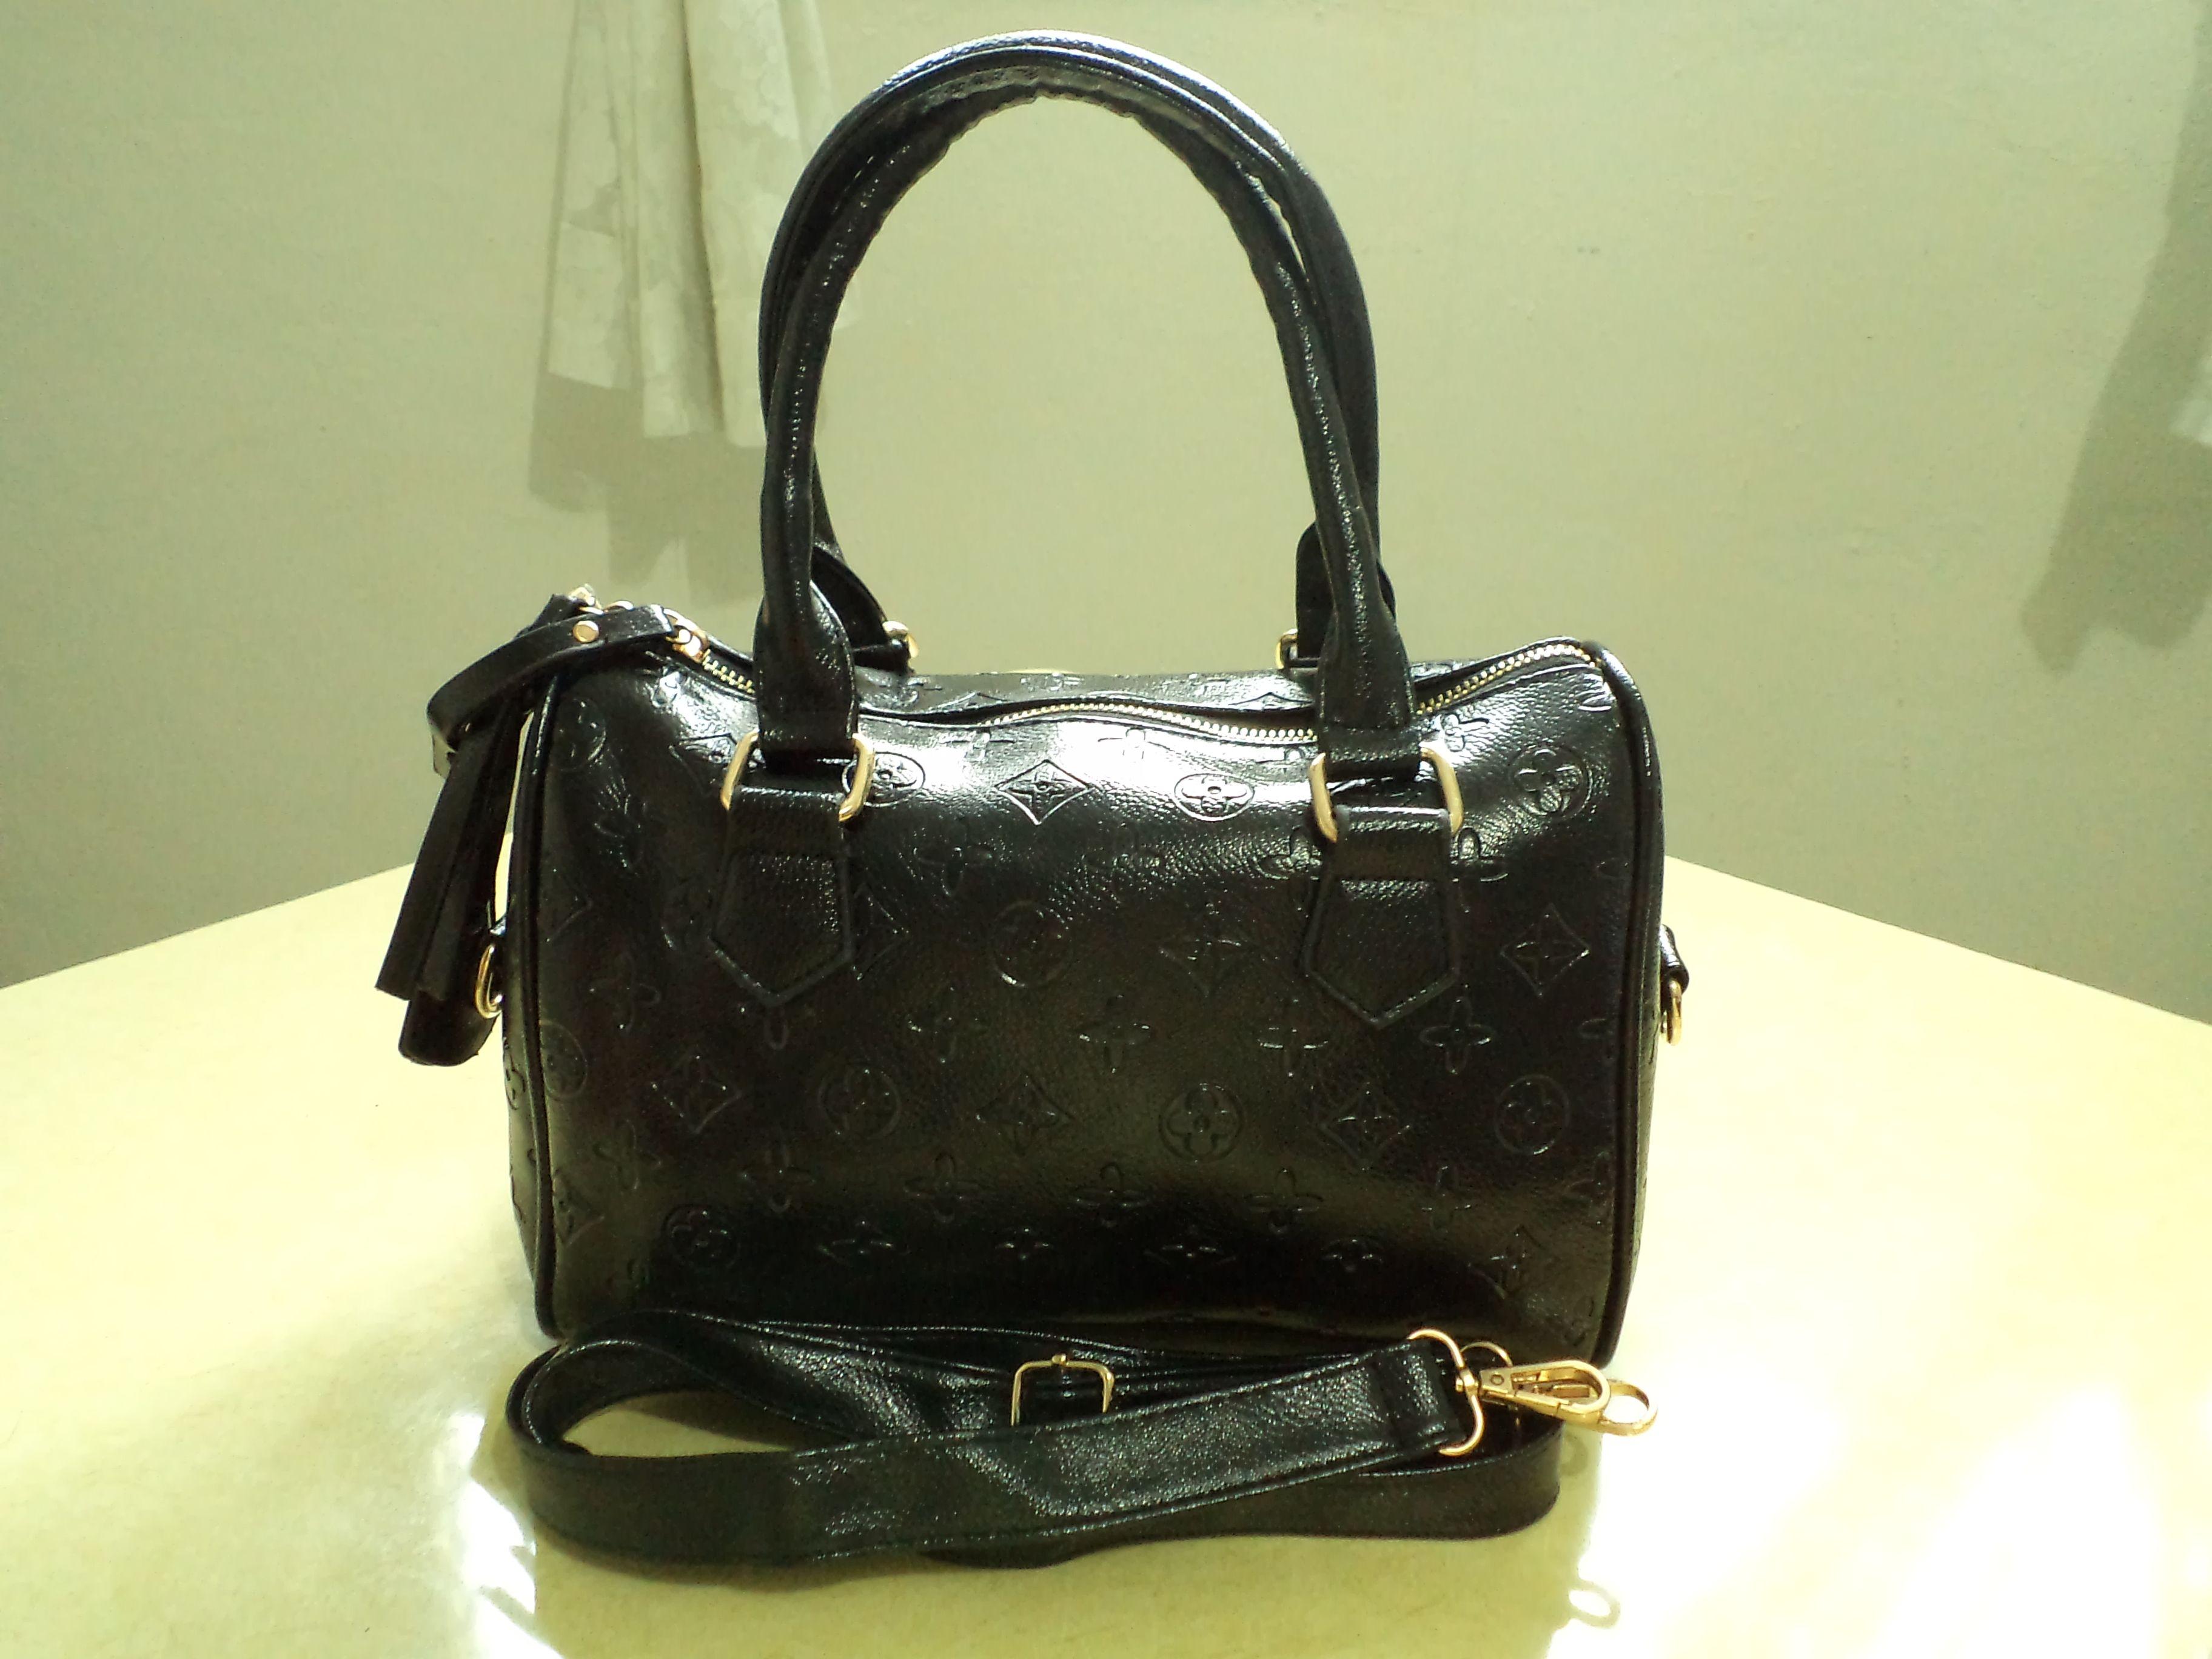 1ded3cb5b Cartera color negra, tipo satchel; 1 bolsa interna con cierre de zipper; 2  compartimientos internos para celulares y otros accesorios; incluye una  cinta ...